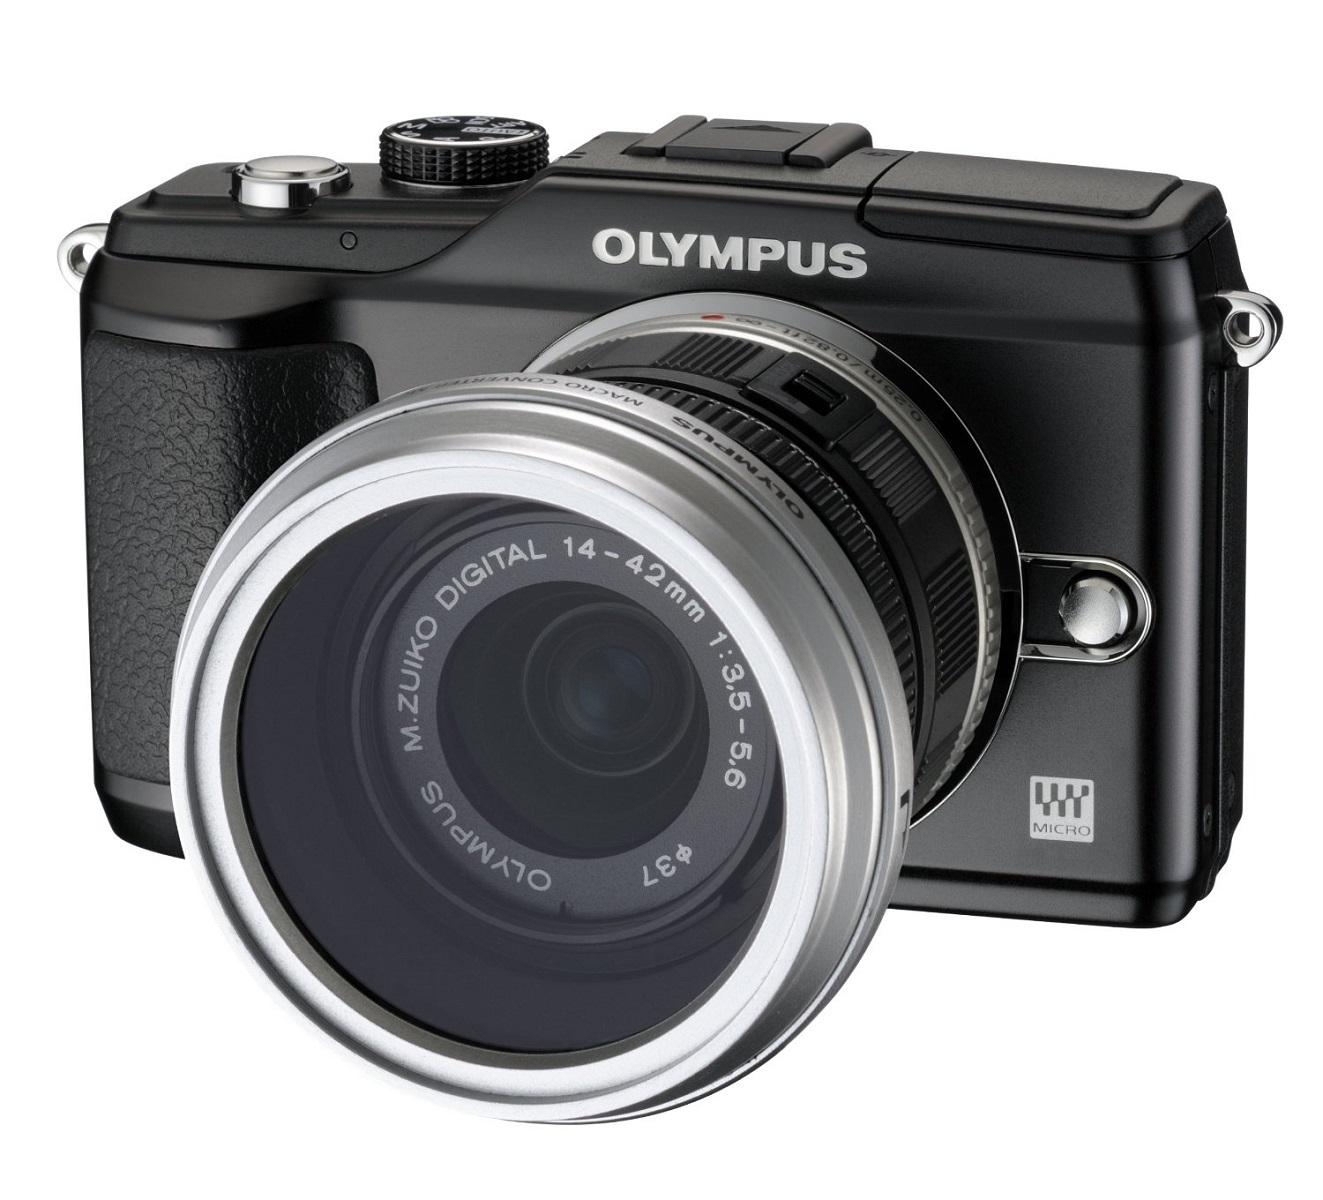 OLYMPUS オリンパス  ミラーレス一眼 PEN マクロコンバーター MCON-P01 純正カメラレンズ